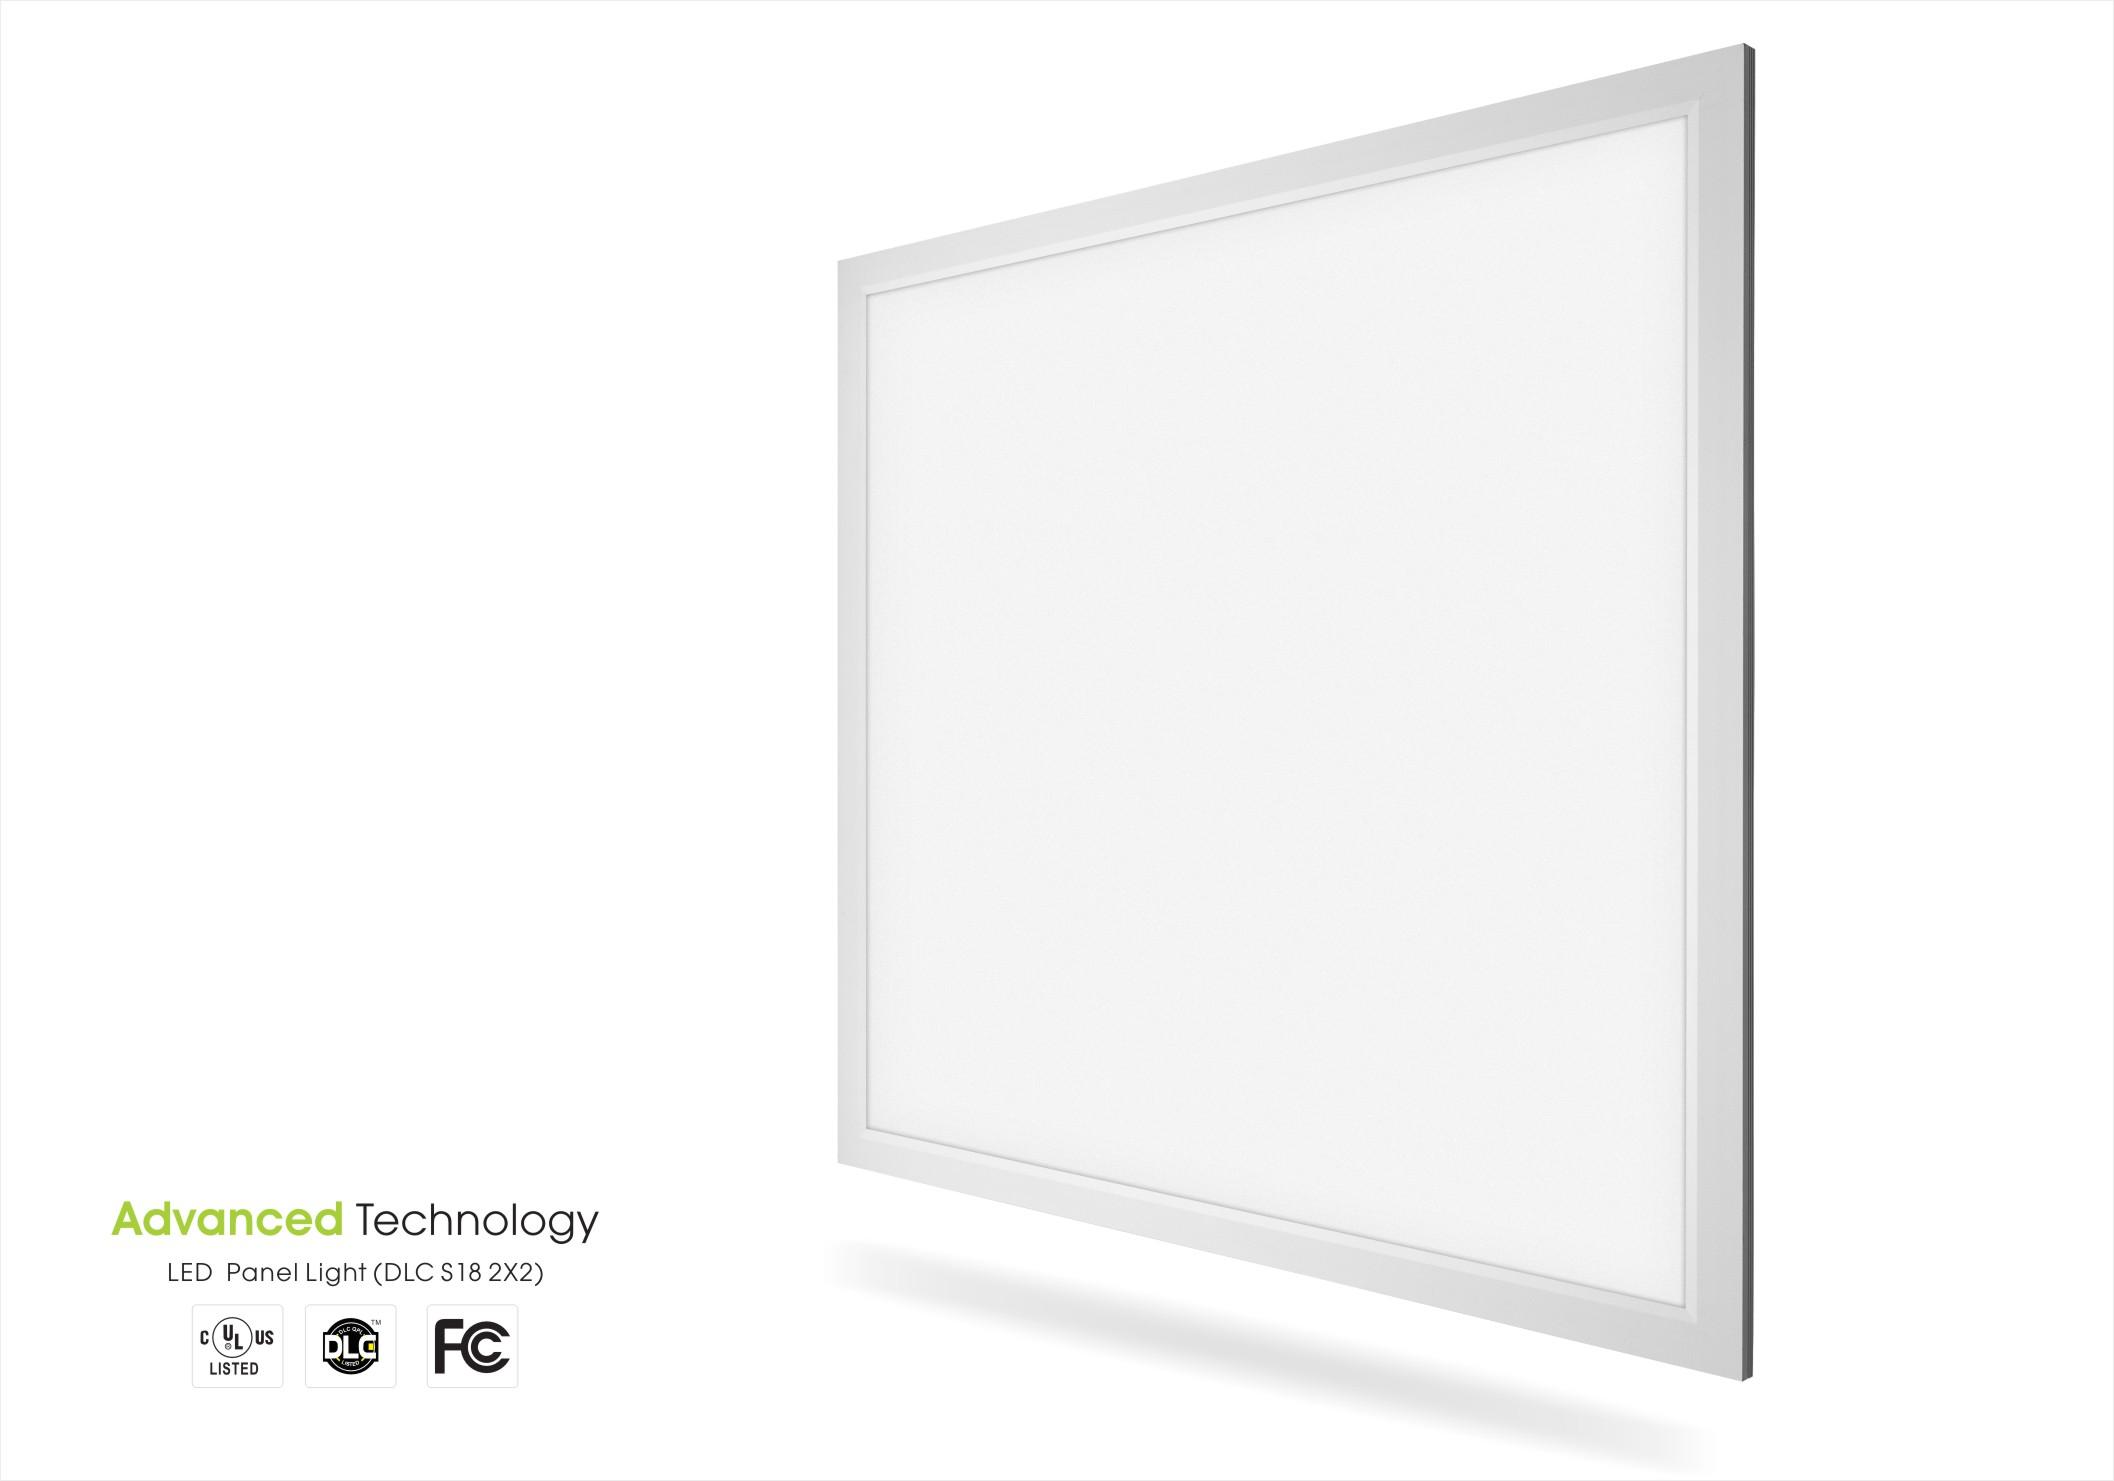 dlc 系列面板灯